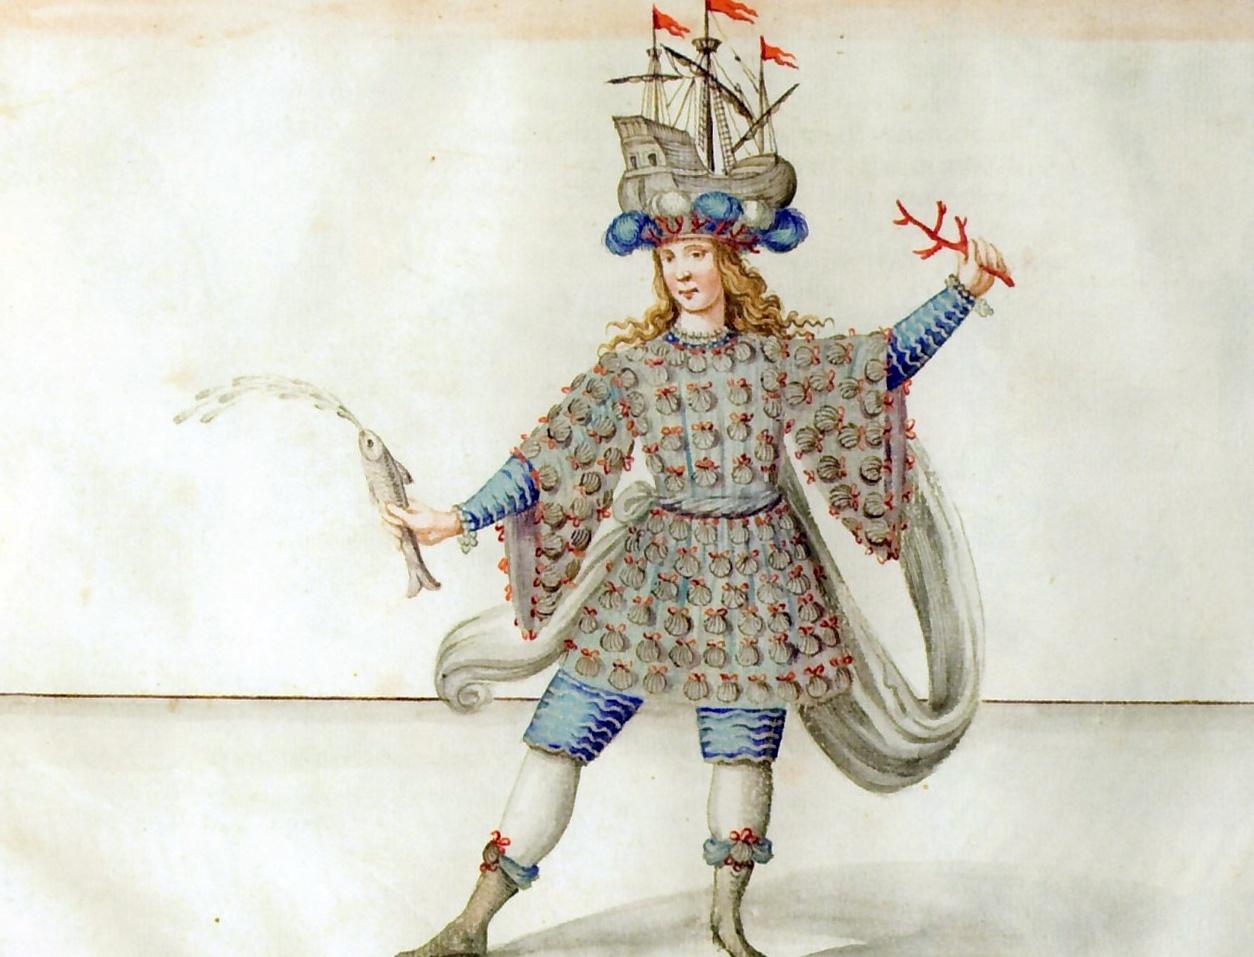 Giovanni Tommaso Borgonio, Costumi per Il carnevale languente